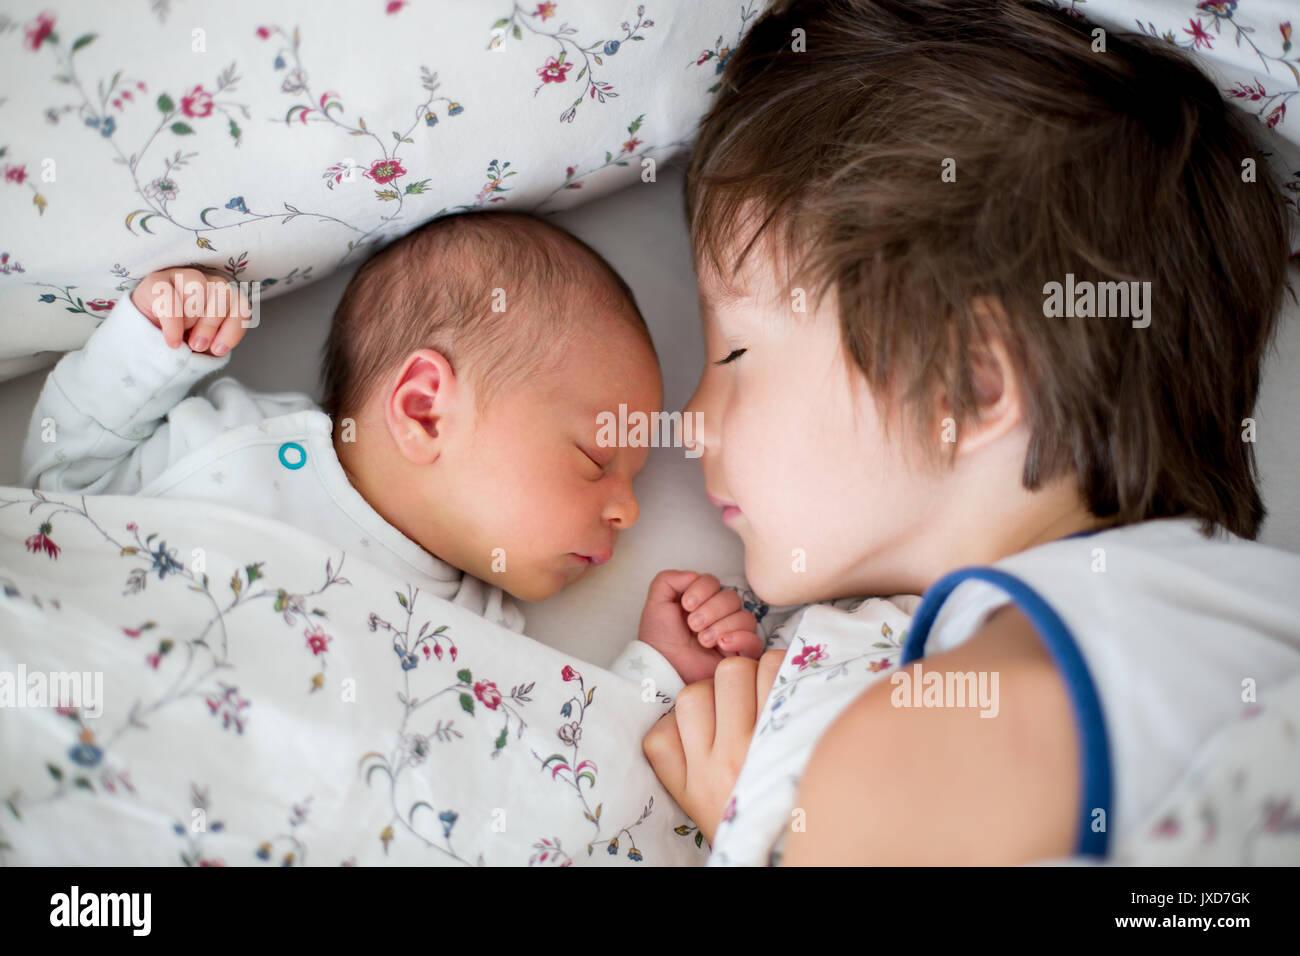 Hermoso muchacho, abrazando con ternura y el cuidado de su bebé recién nacido hermano en casa. Concepto el amor Foto de stock